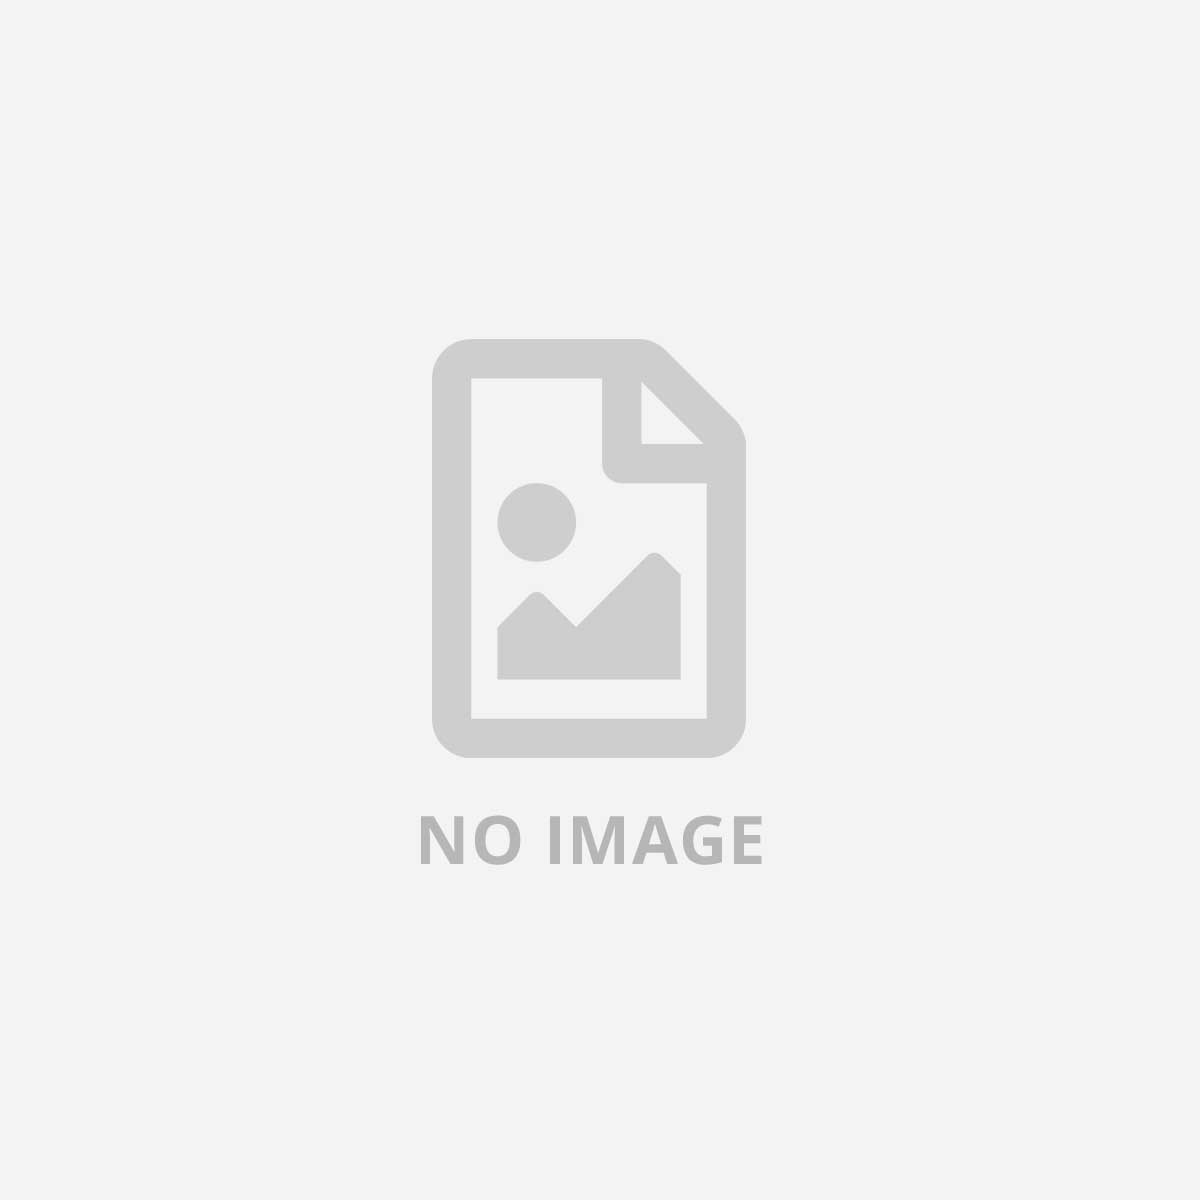 NILOX PCI EXPRESS ADAPT. 4 USB3.0 PORTS